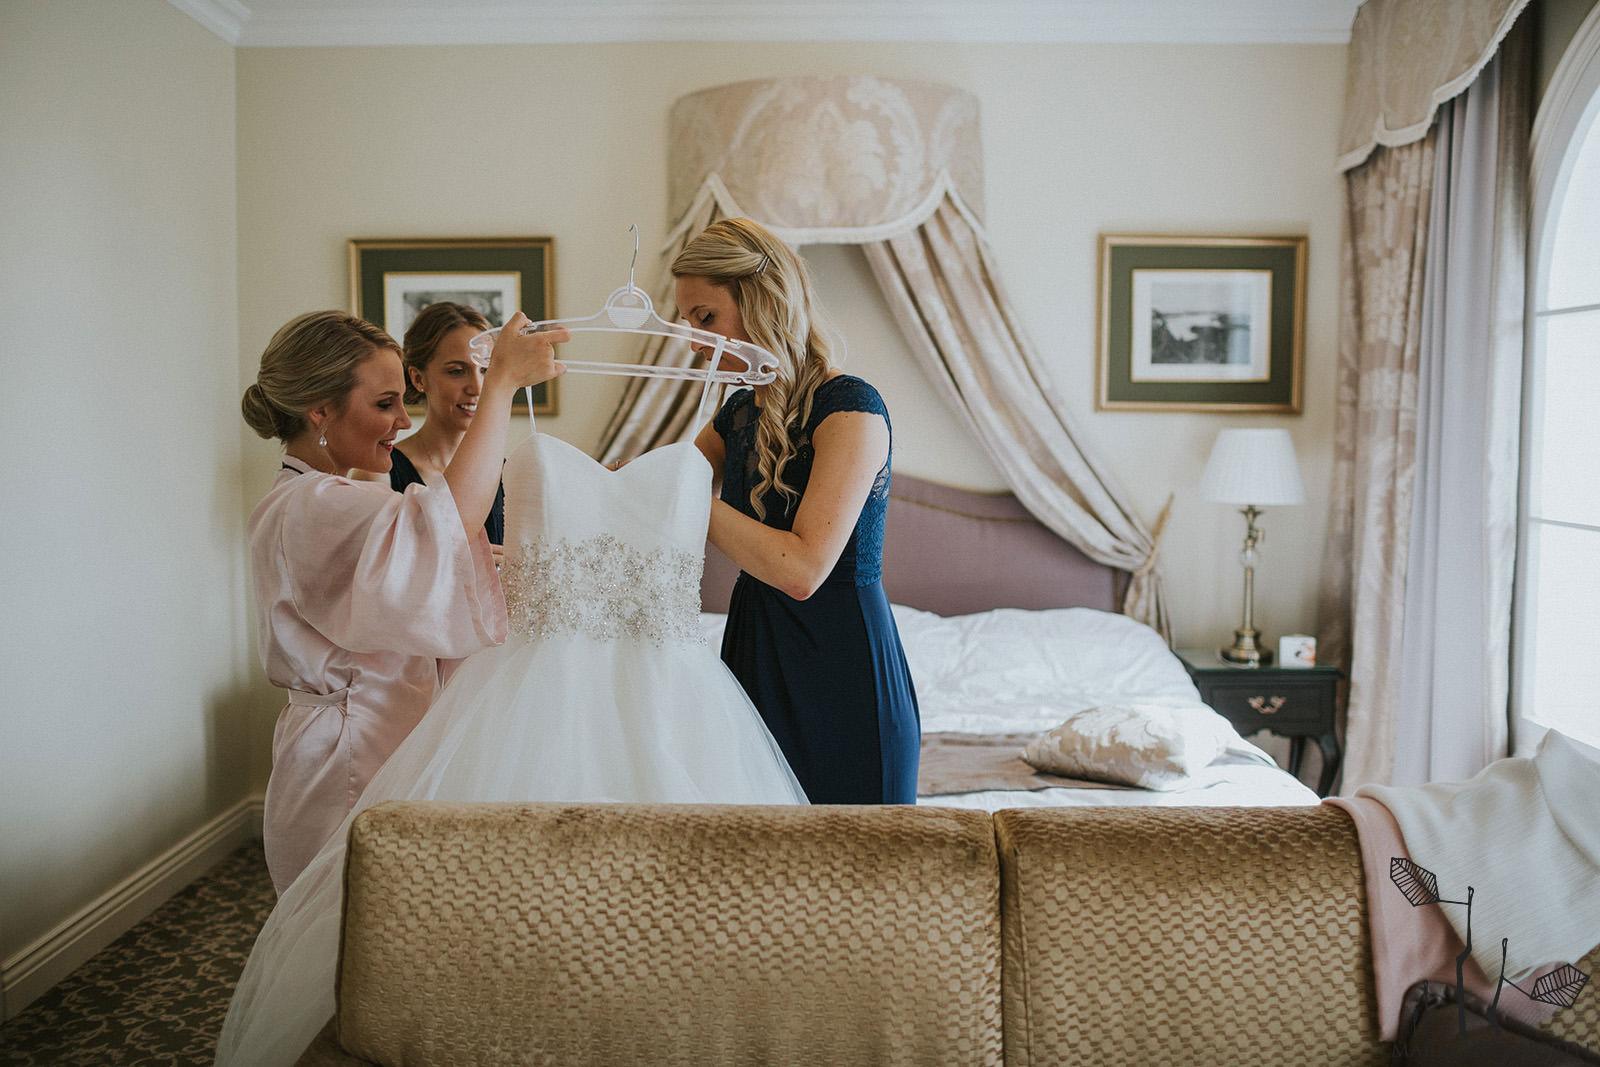 Haikko hotel wedding